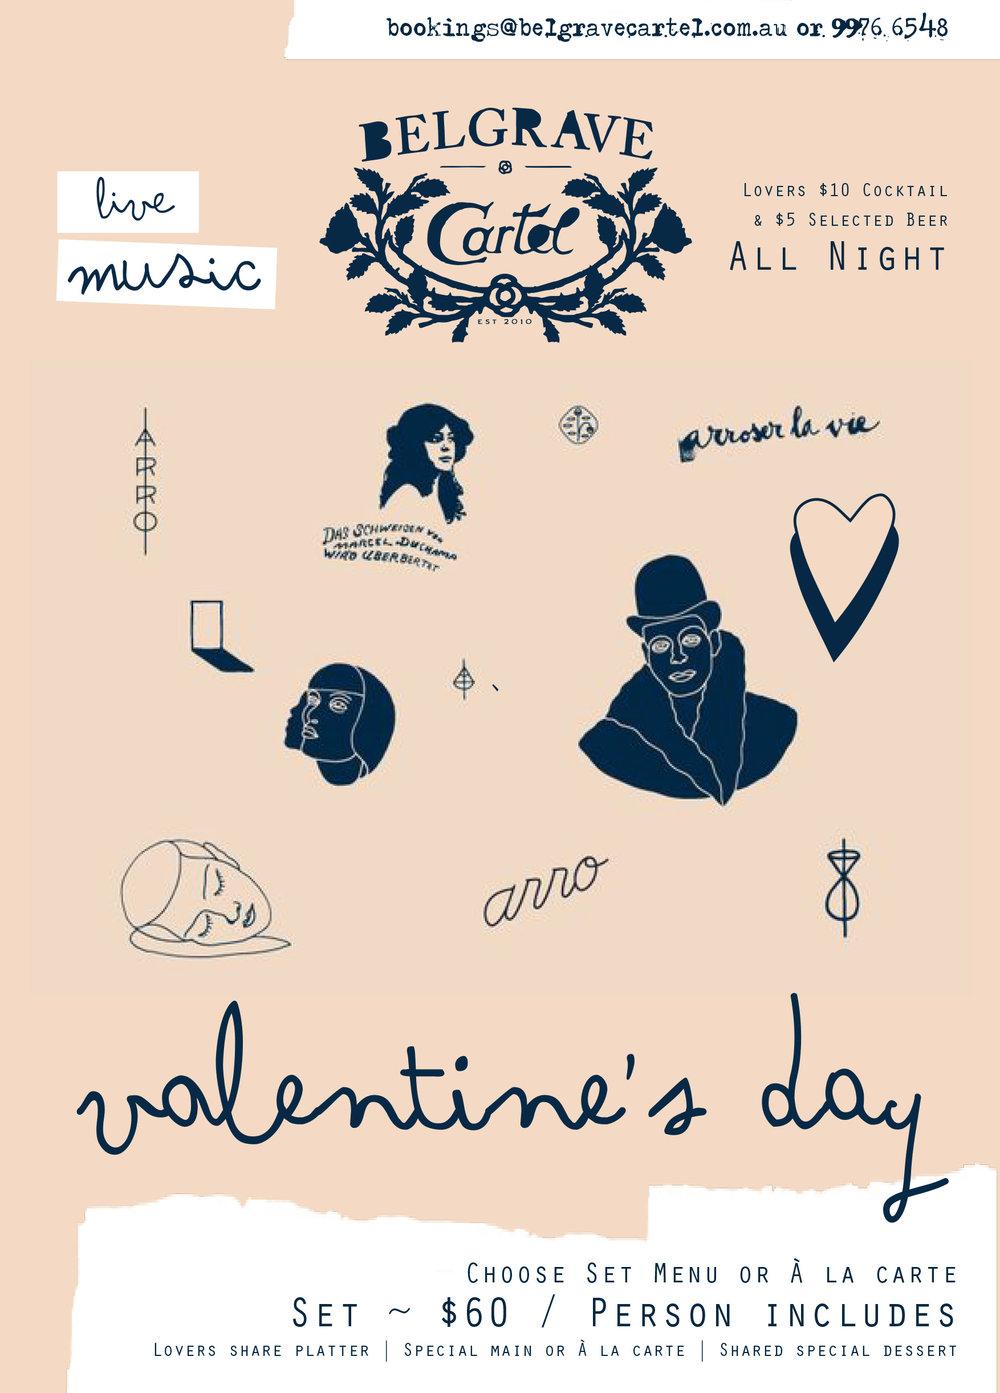 Belgrave Cartel Valentine's Day.jpg